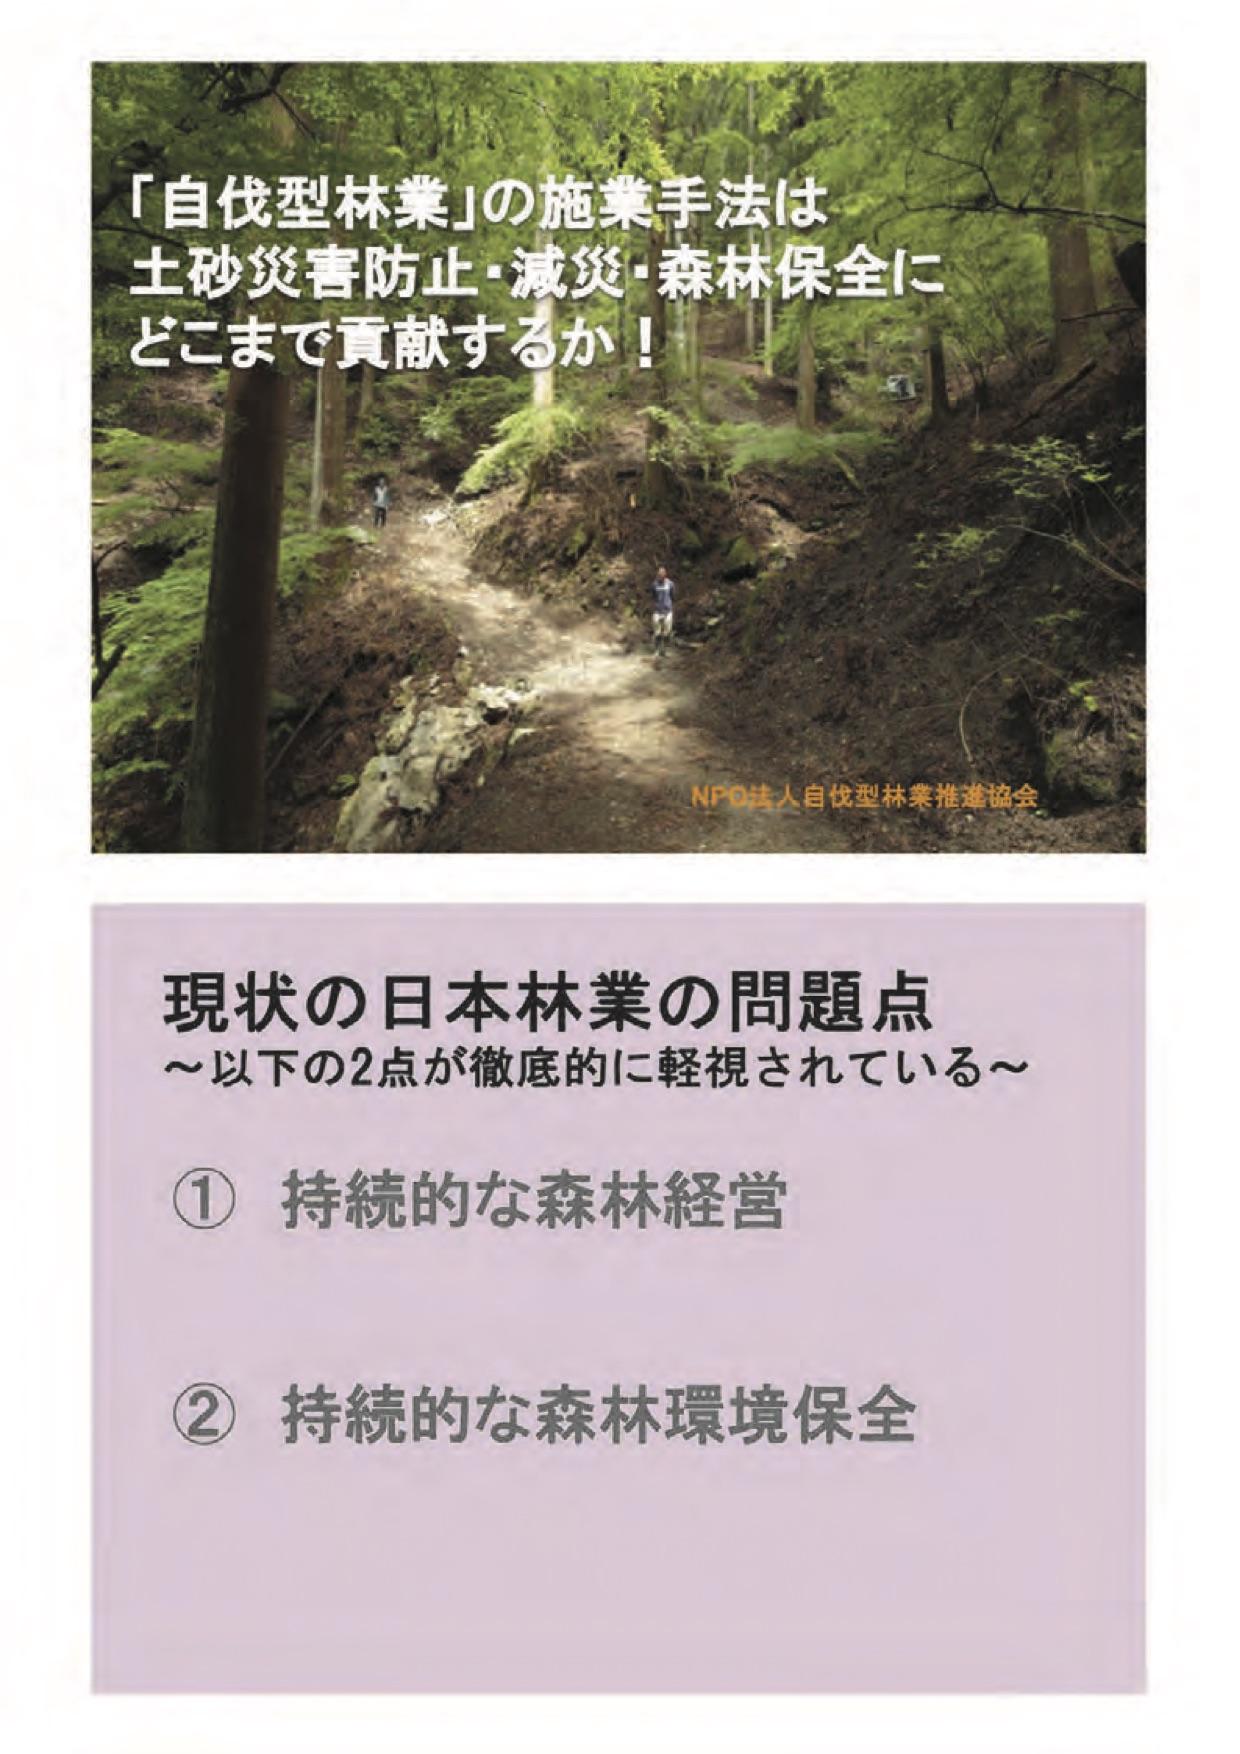 【お詫び】耐災害性レポートの印刷ミスのご報告と交換対応について